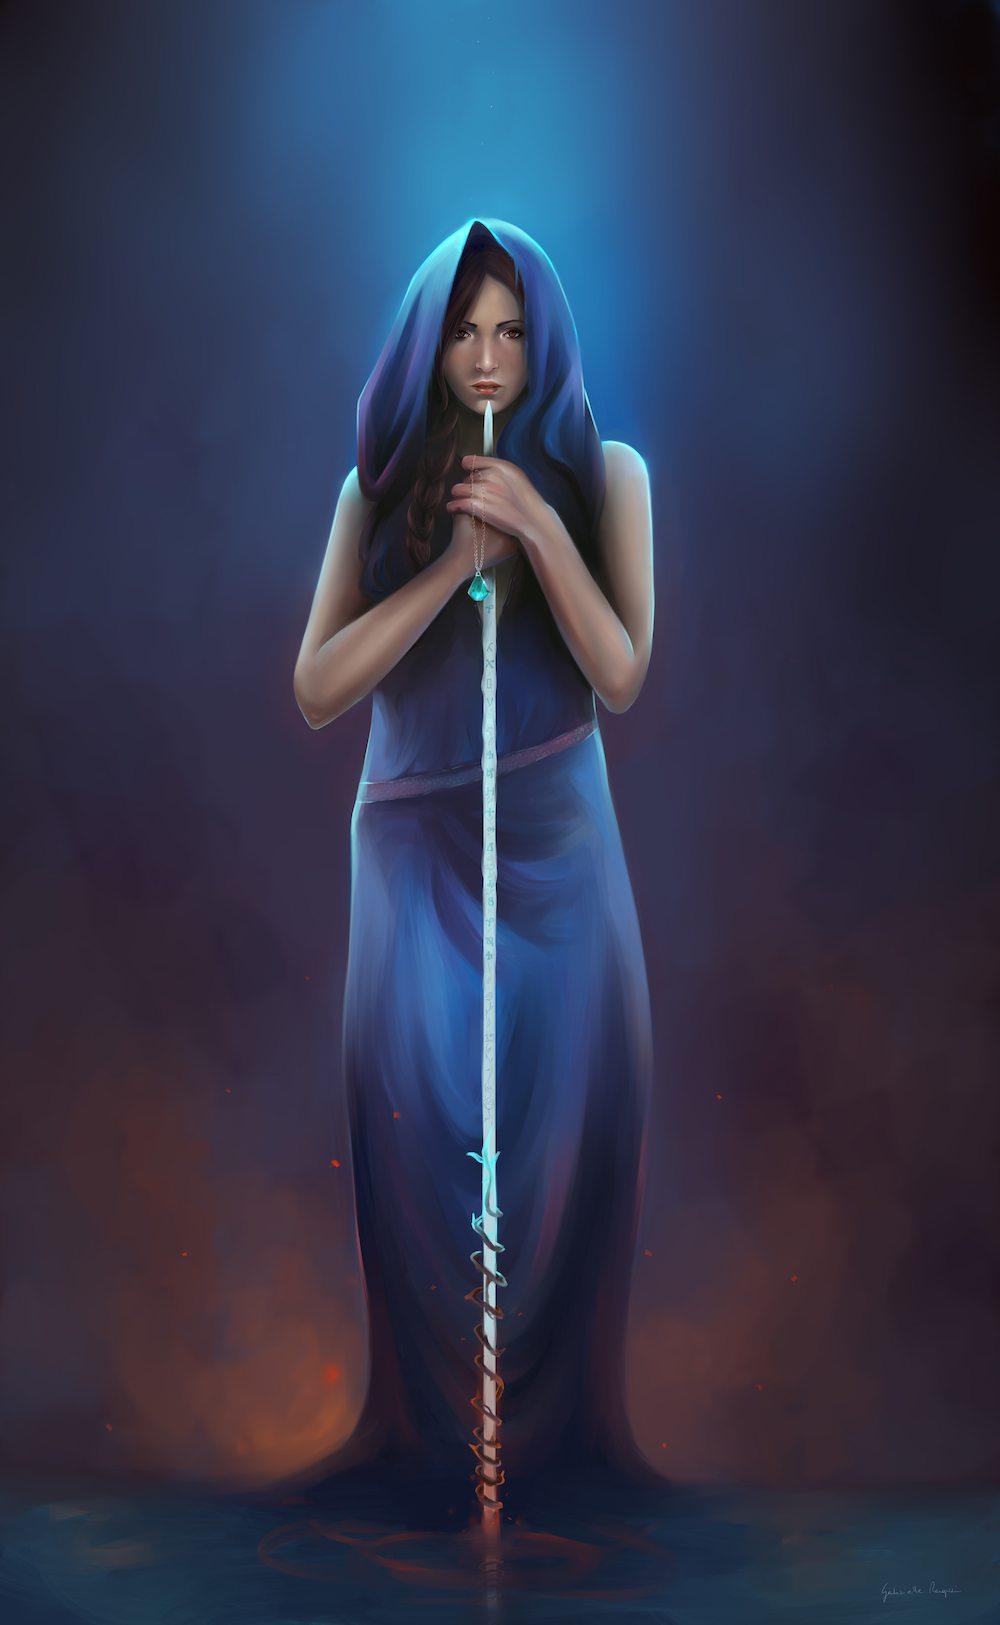 Luna by Gabrielle Ragusi via ArtCorgi